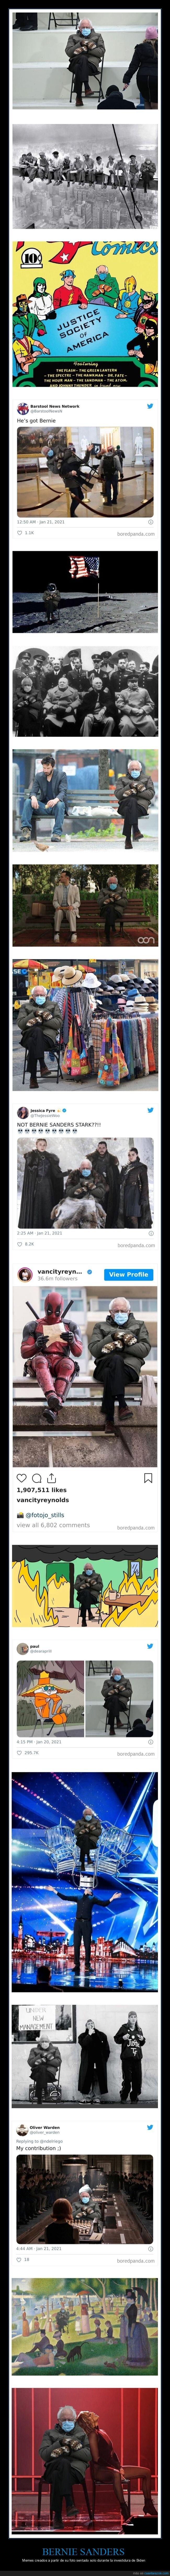 bernie sanders,memes,políticos